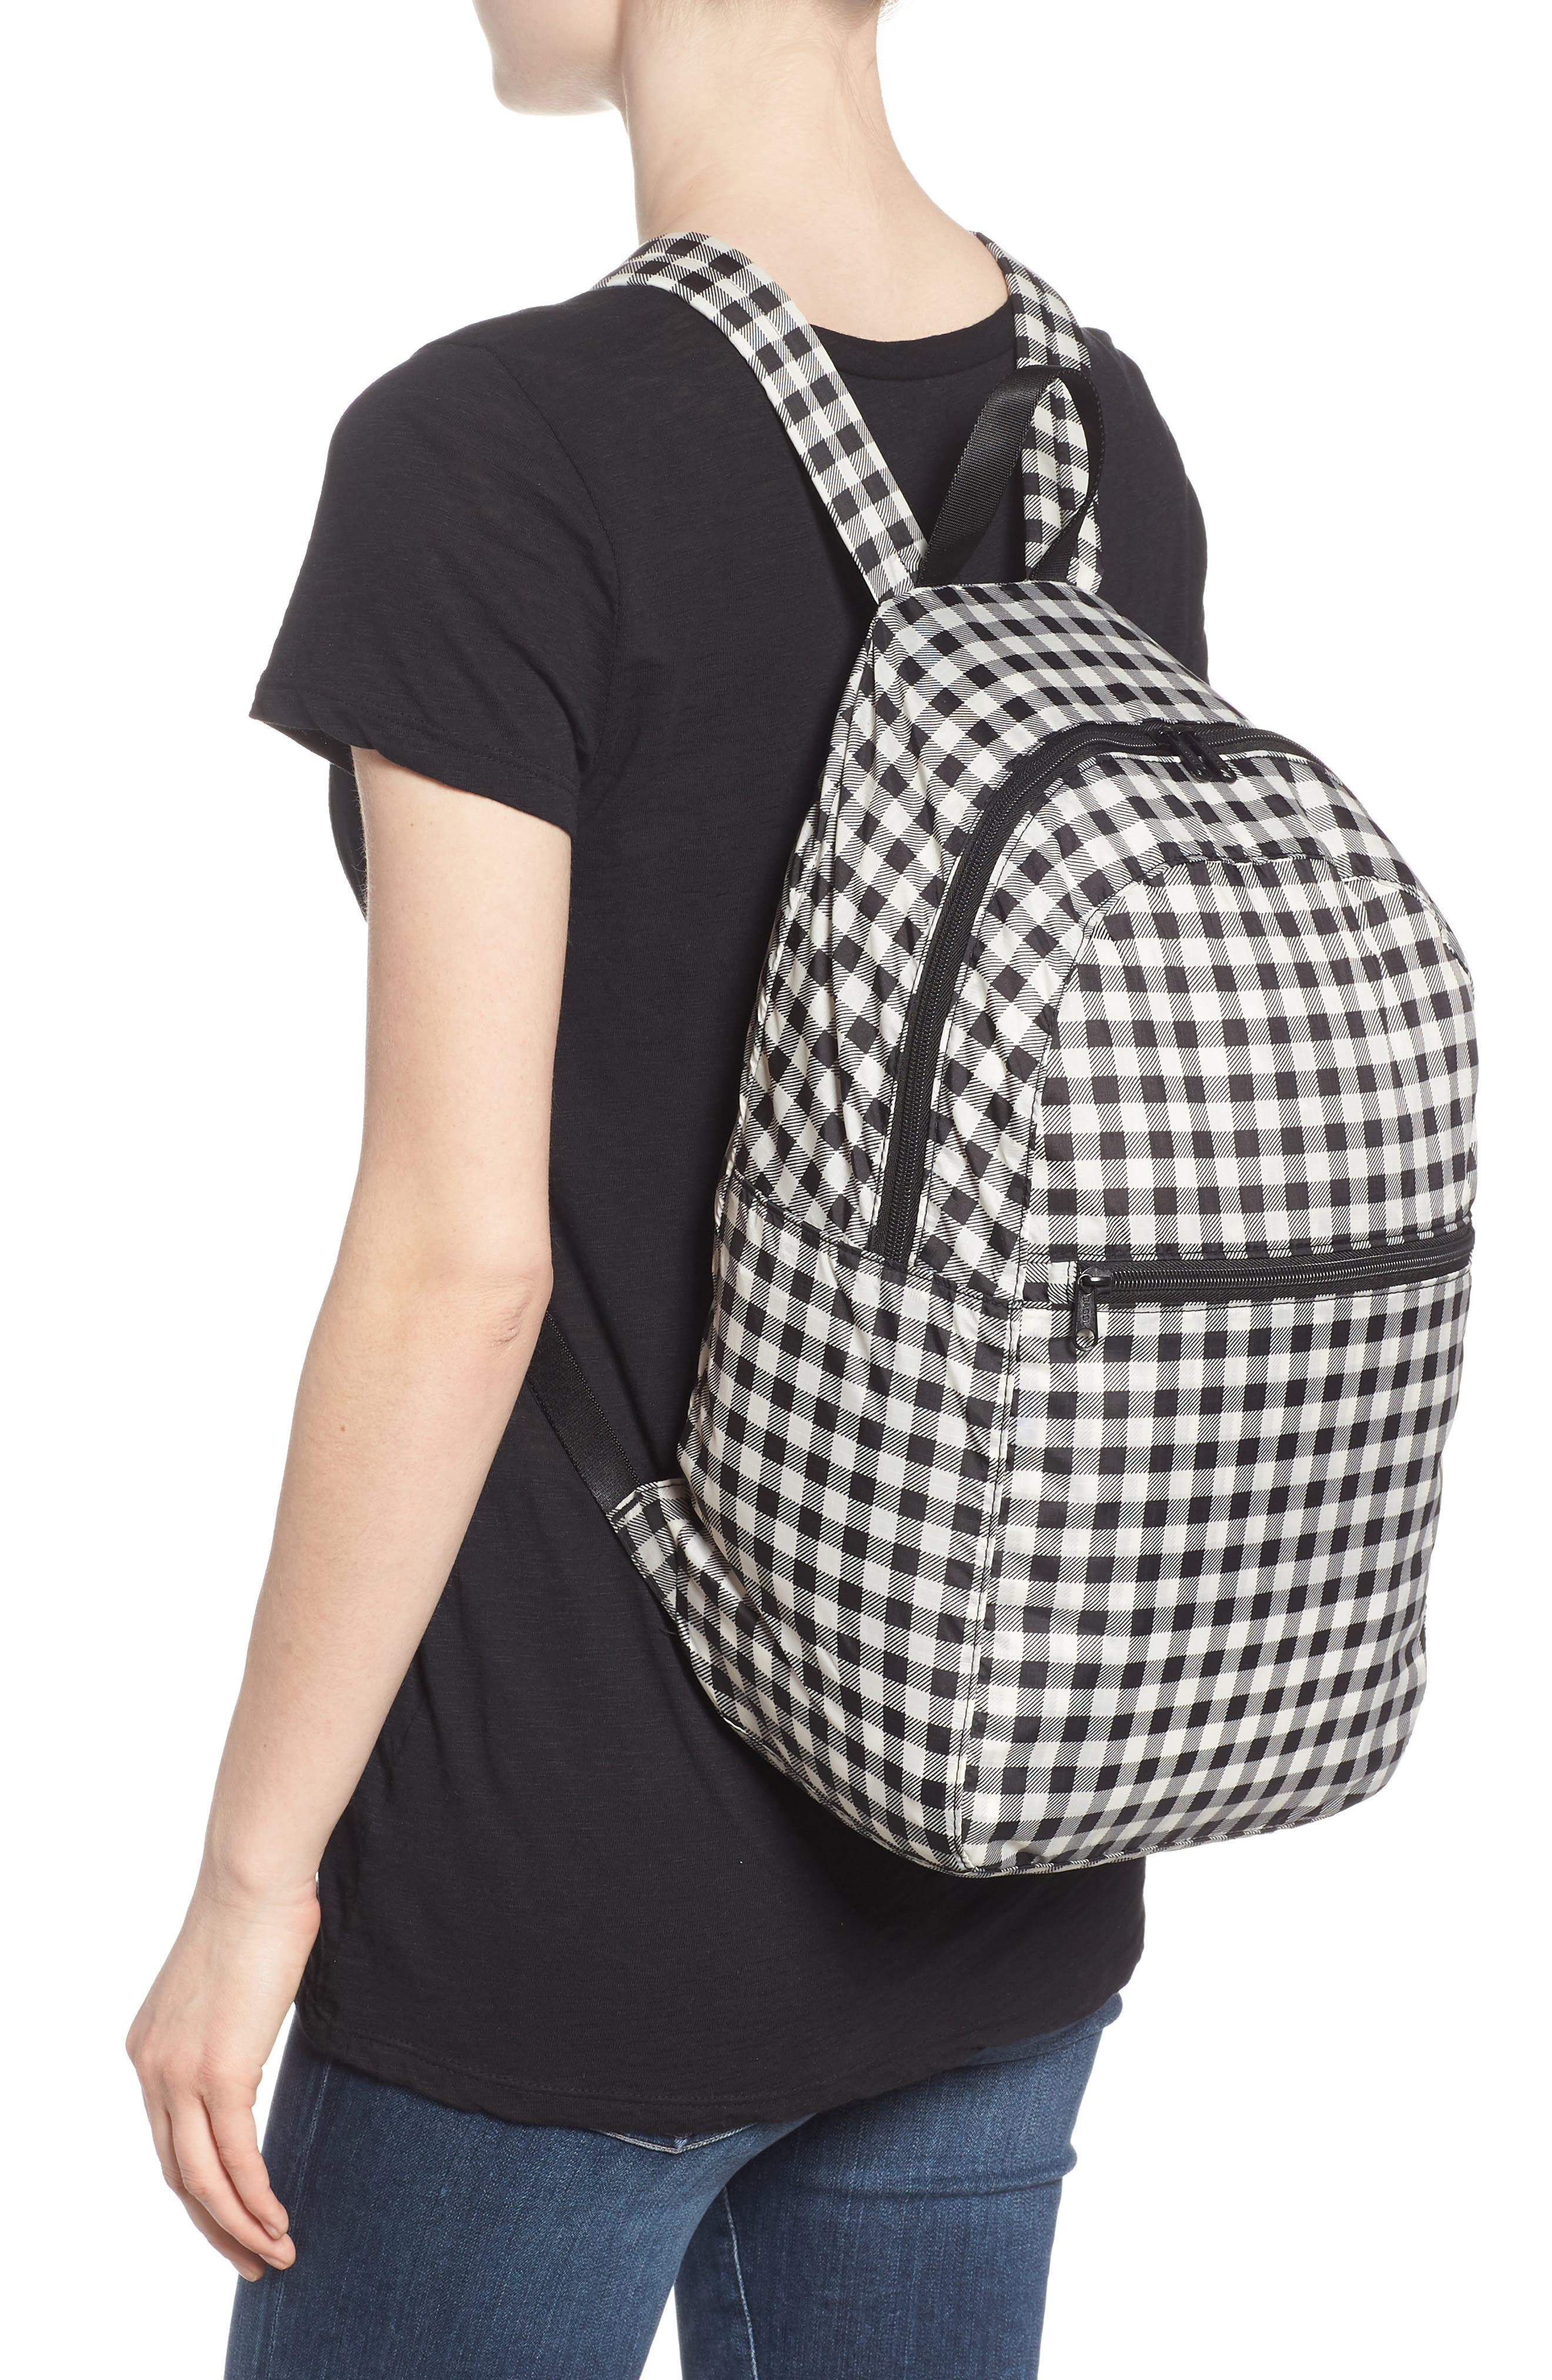 Ripstop Nylon Backpack,                             Alternate thumbnail 2, color,                             Black Gingham